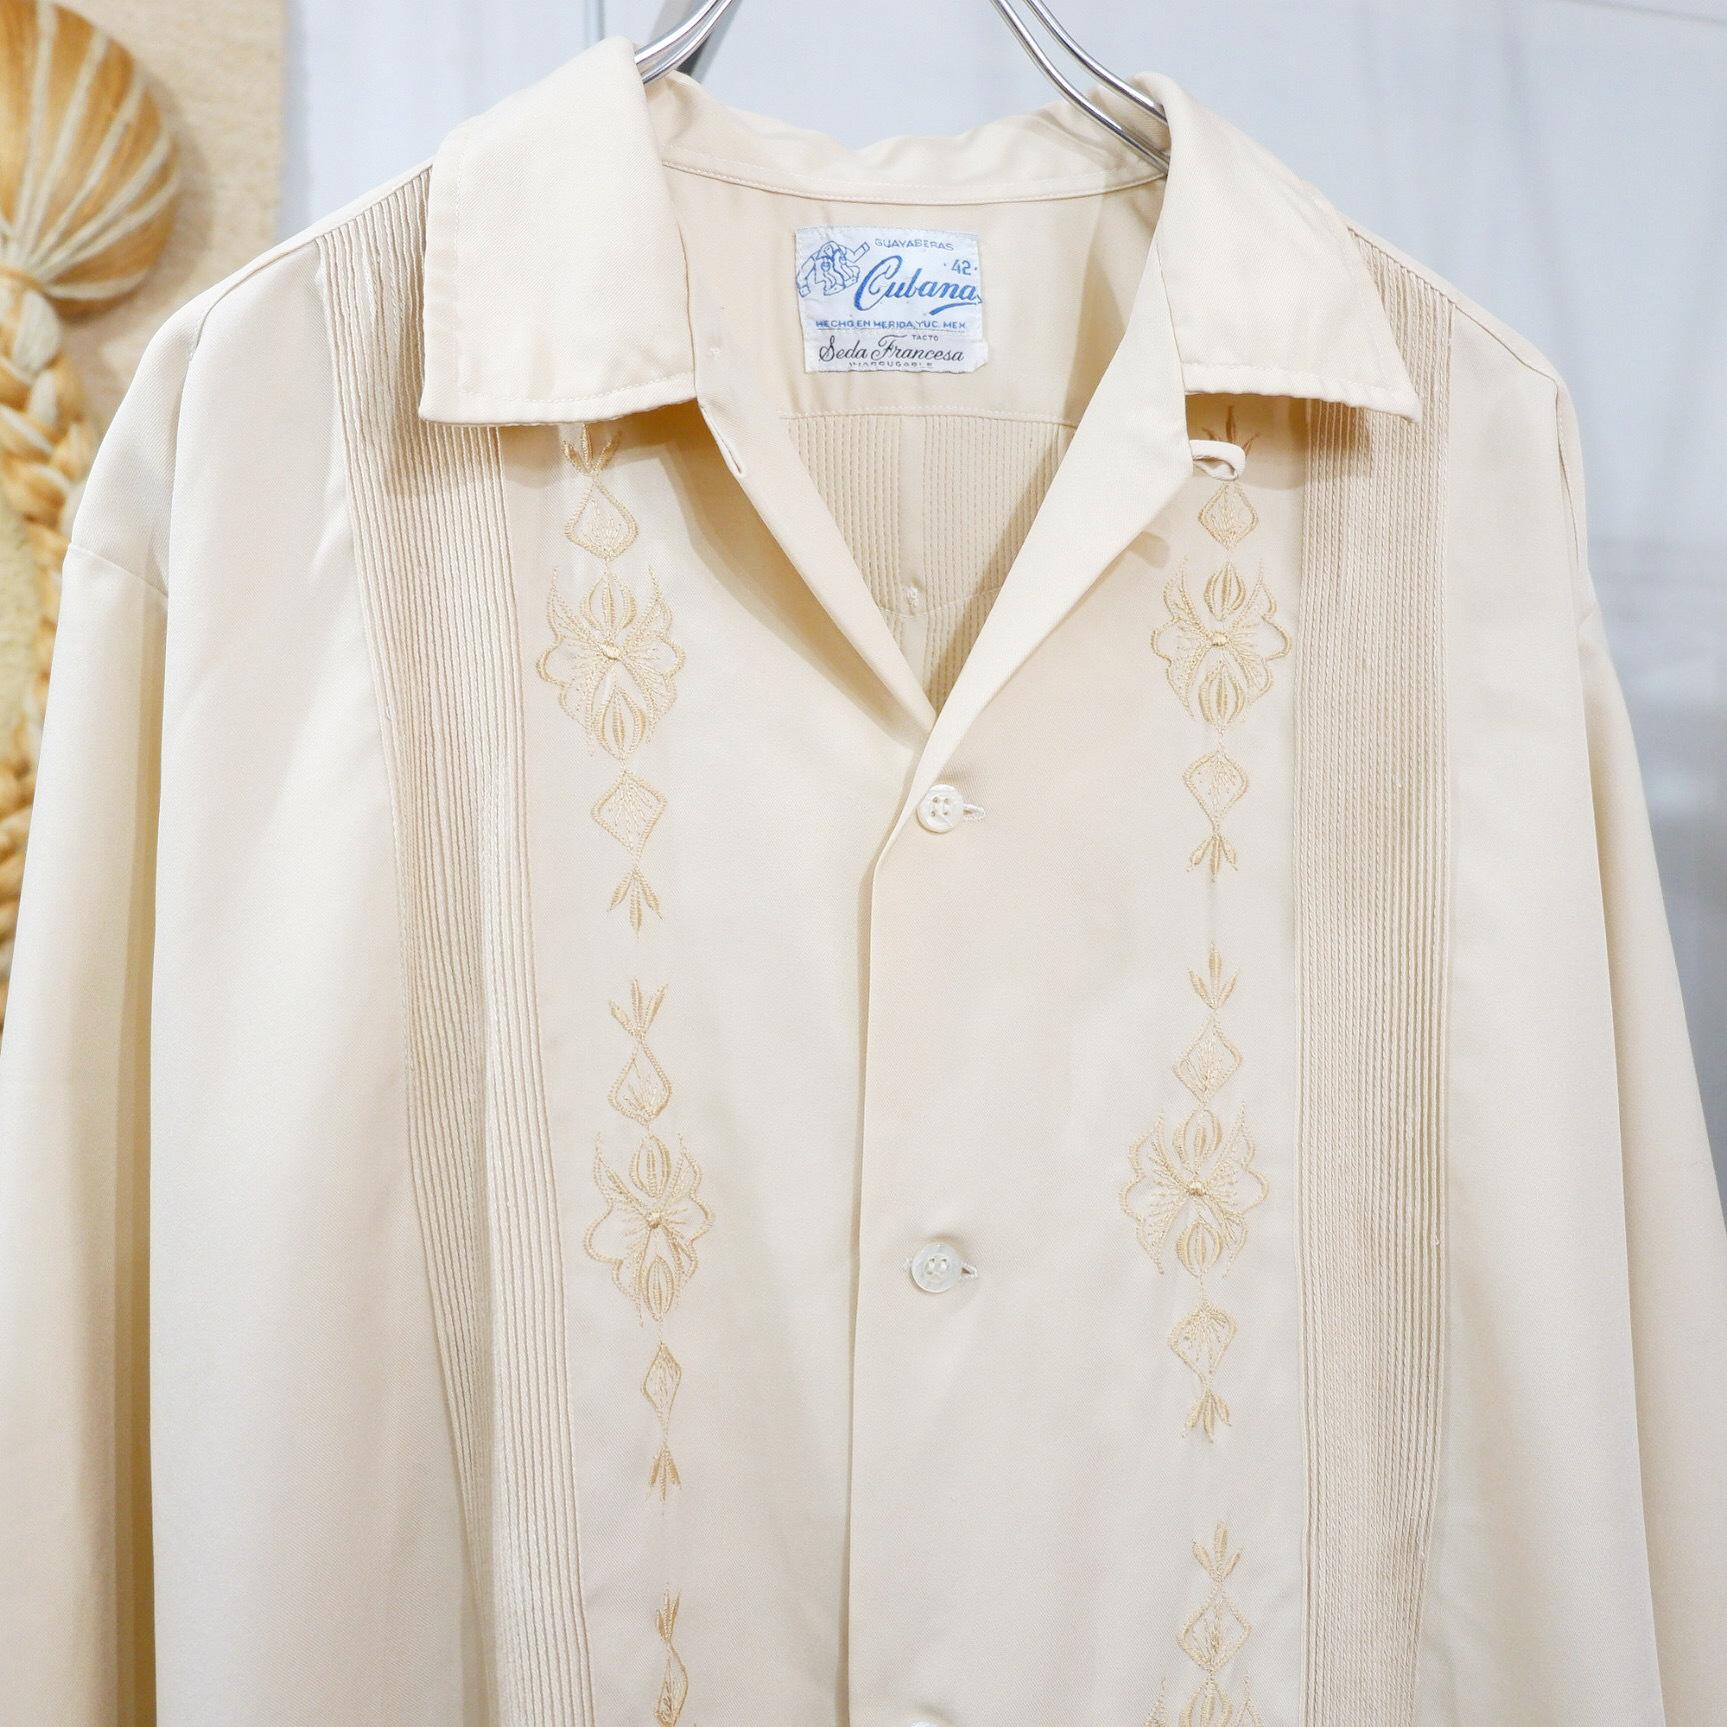 アメリカ古着 1970s vintage L/S キューバシャツ